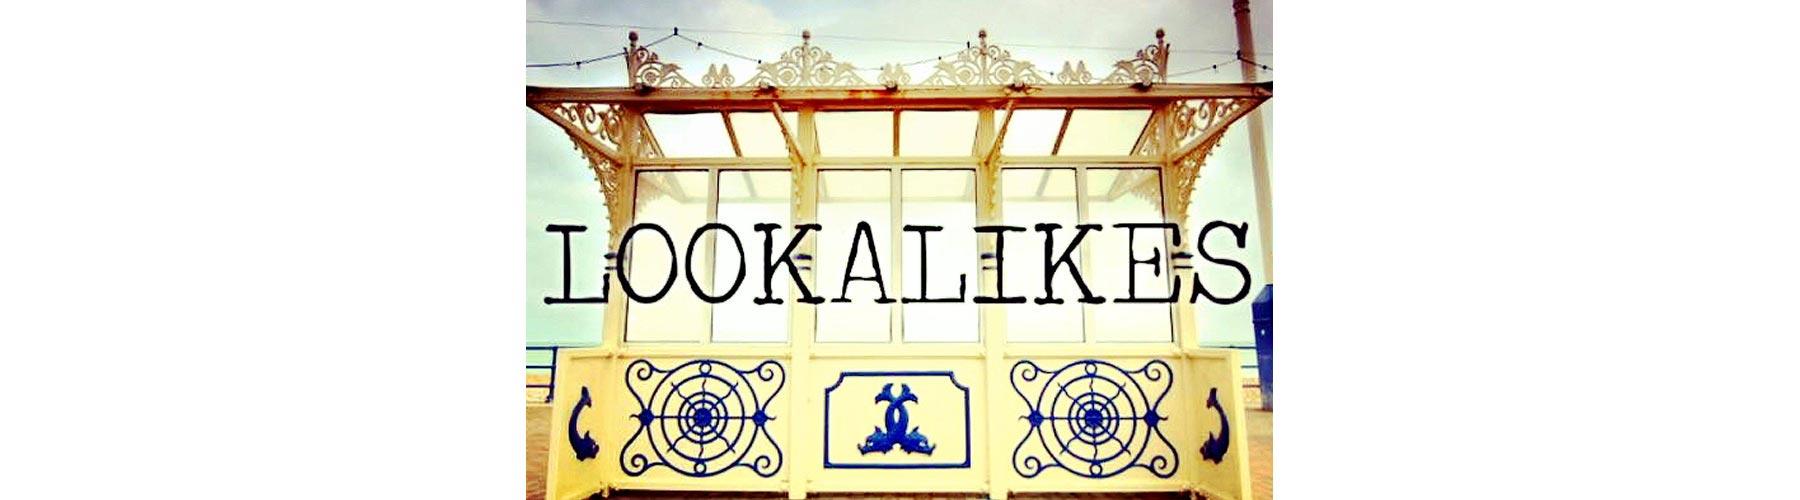 lookalikes-a